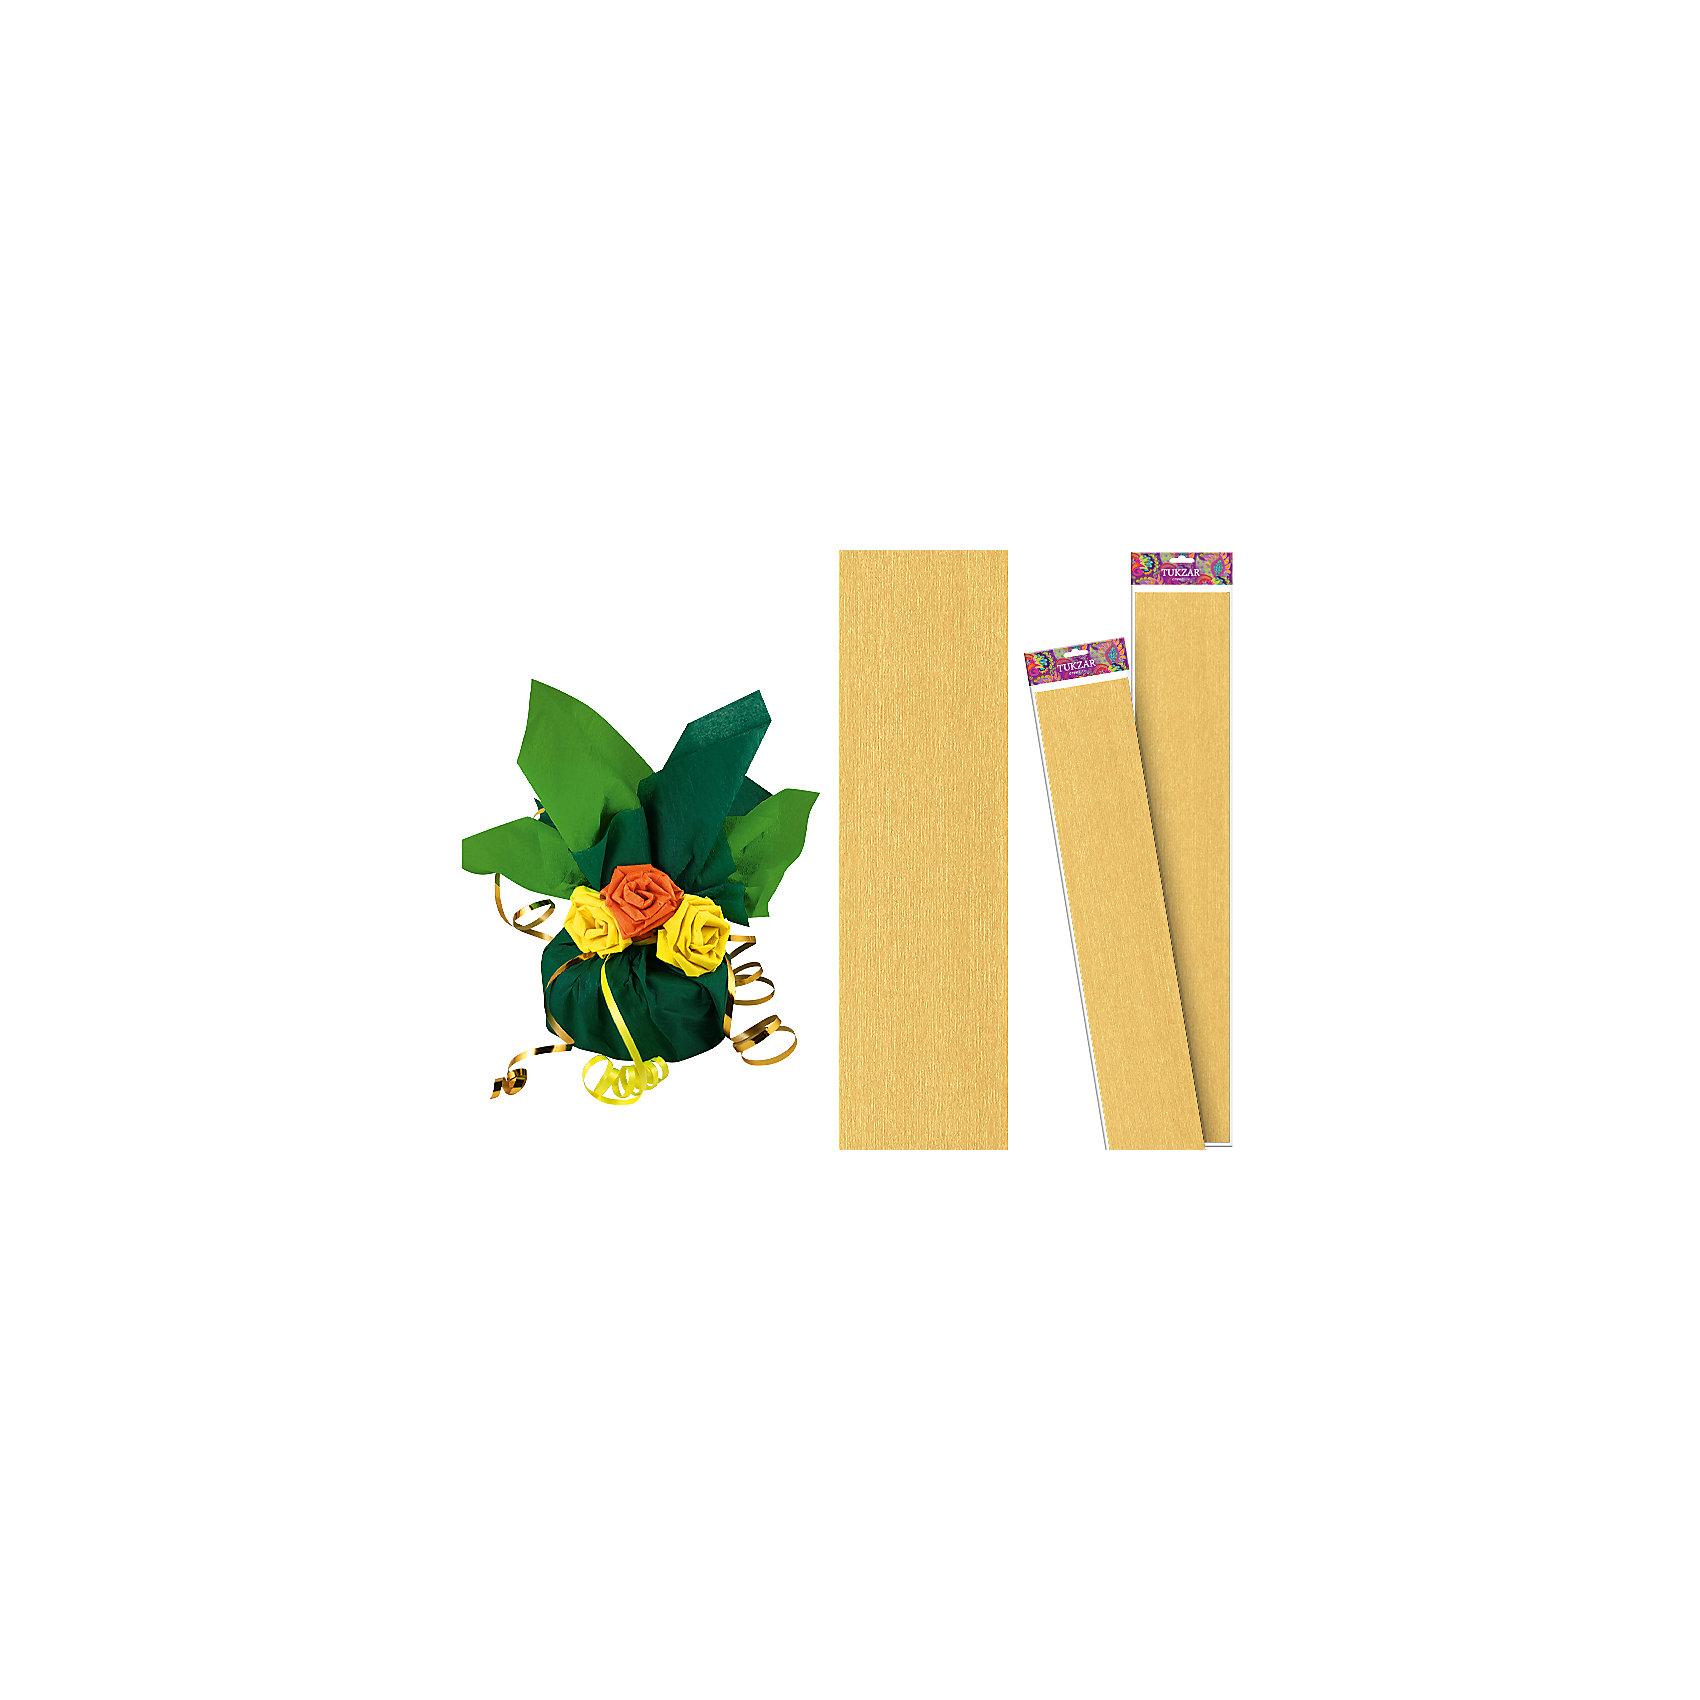 Золотая крепированная бумага 50*250 смРукоделие<br>Золотая крепированная бумага 50*250 см от известного торгового бренда канцелярских товаров и товаров для творчества TUKZAR. Крепированная бумага используется для изготовления различных поделок и аппликаций, наиболее часто данный вид бумаги применяют для изготовления цветов, которые отличаются высокой степенью достоверности, что обеспечивается за счет свойств данной бумаги: она имеет мелкое гофрирование, бархатистая на ощупь и влагостойкая. <br>Золотая крепированная бумага 50*250 см от TUKZAR – идеально подходит для поделок и оформительских работ.  <br><br>Дополнительная информация:<br><br>- Предназначение: для творческих занятий и оформительских работ <br>- Материал: бумага<br>- Размеры (Ш*Д): 50*250 см<br>- Цвет: золотой<br>- Упаковка: блистер<br><br>Подробнее:<br><br>• Для детей в возрасте: от 3 лет <br>• Страна производитель: Китай<br>• Торговый бренд: TUKZAR<br><br>Золотую крепированную бумагу 50*250 см можно купить в нашем интернет-магазине.<br><br>Ширина мм: 500<br>Глубина мм: 50<br>Высота мм: 50<br>Вес г: 100<br>Возраст от месяцев: 36<br>Возраст до месяцев: 192<br>Пол: Унисекс<br>Возраст: Детский<br>SKU: 5001383